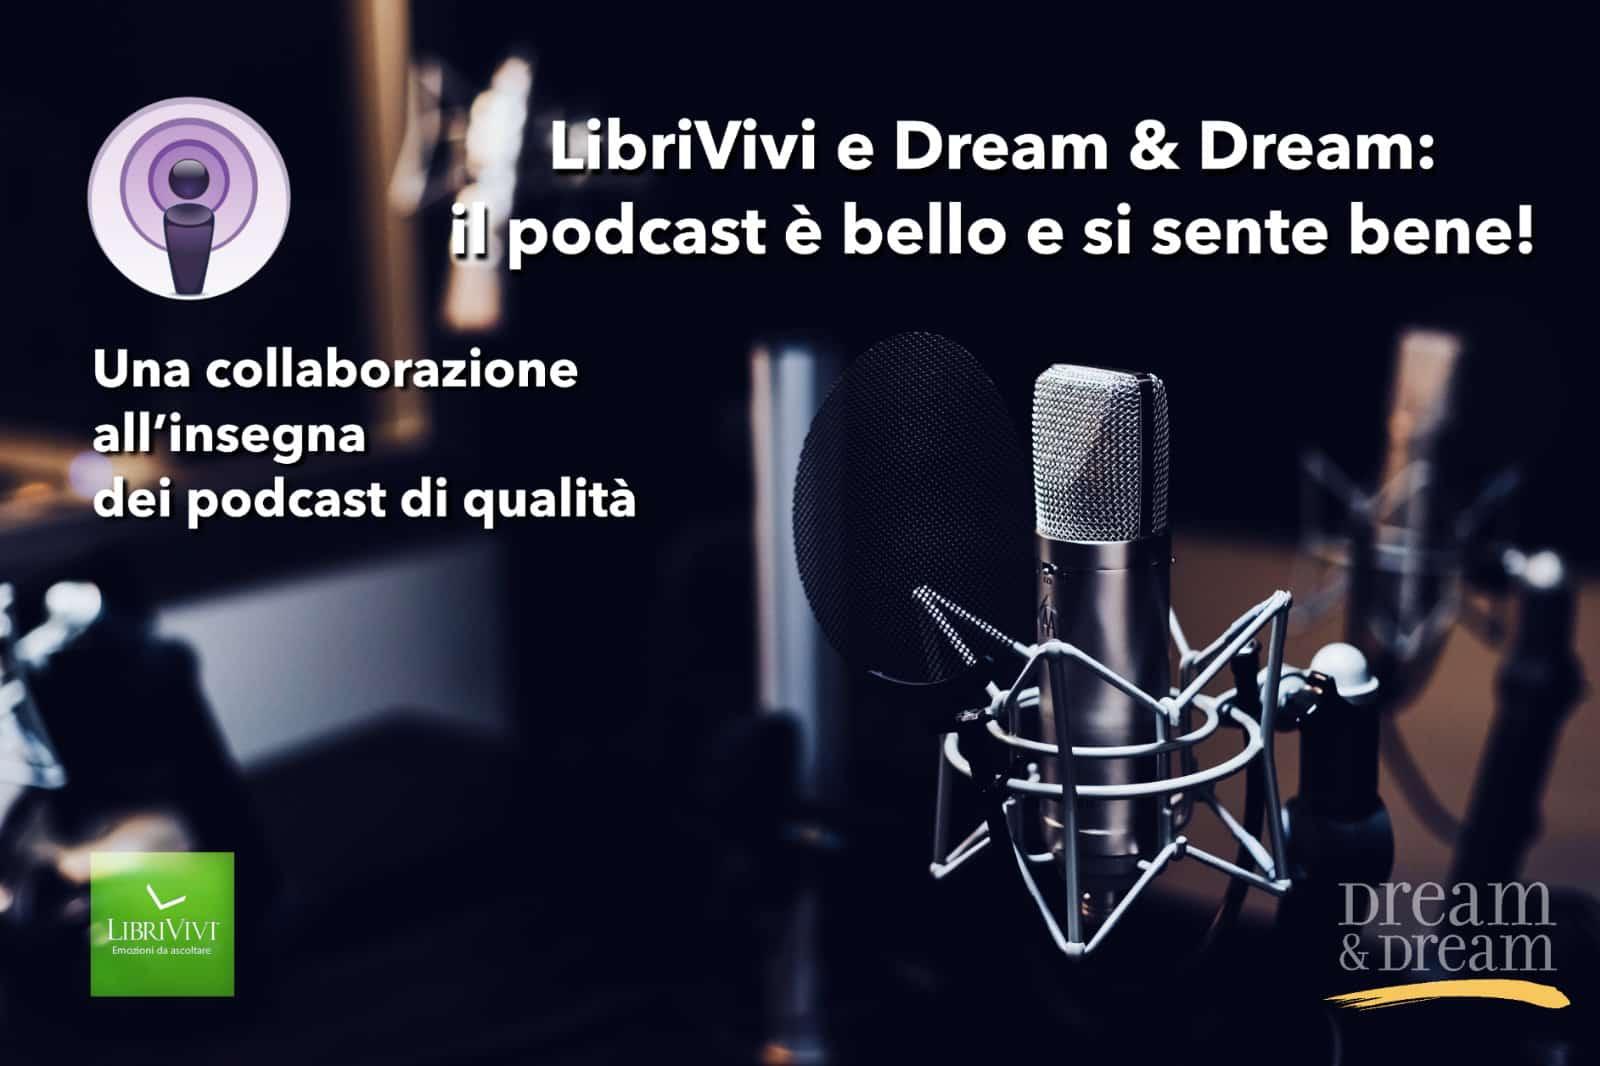 Librivivi e Dream & Dream: il podcast è bello e si sente bene!